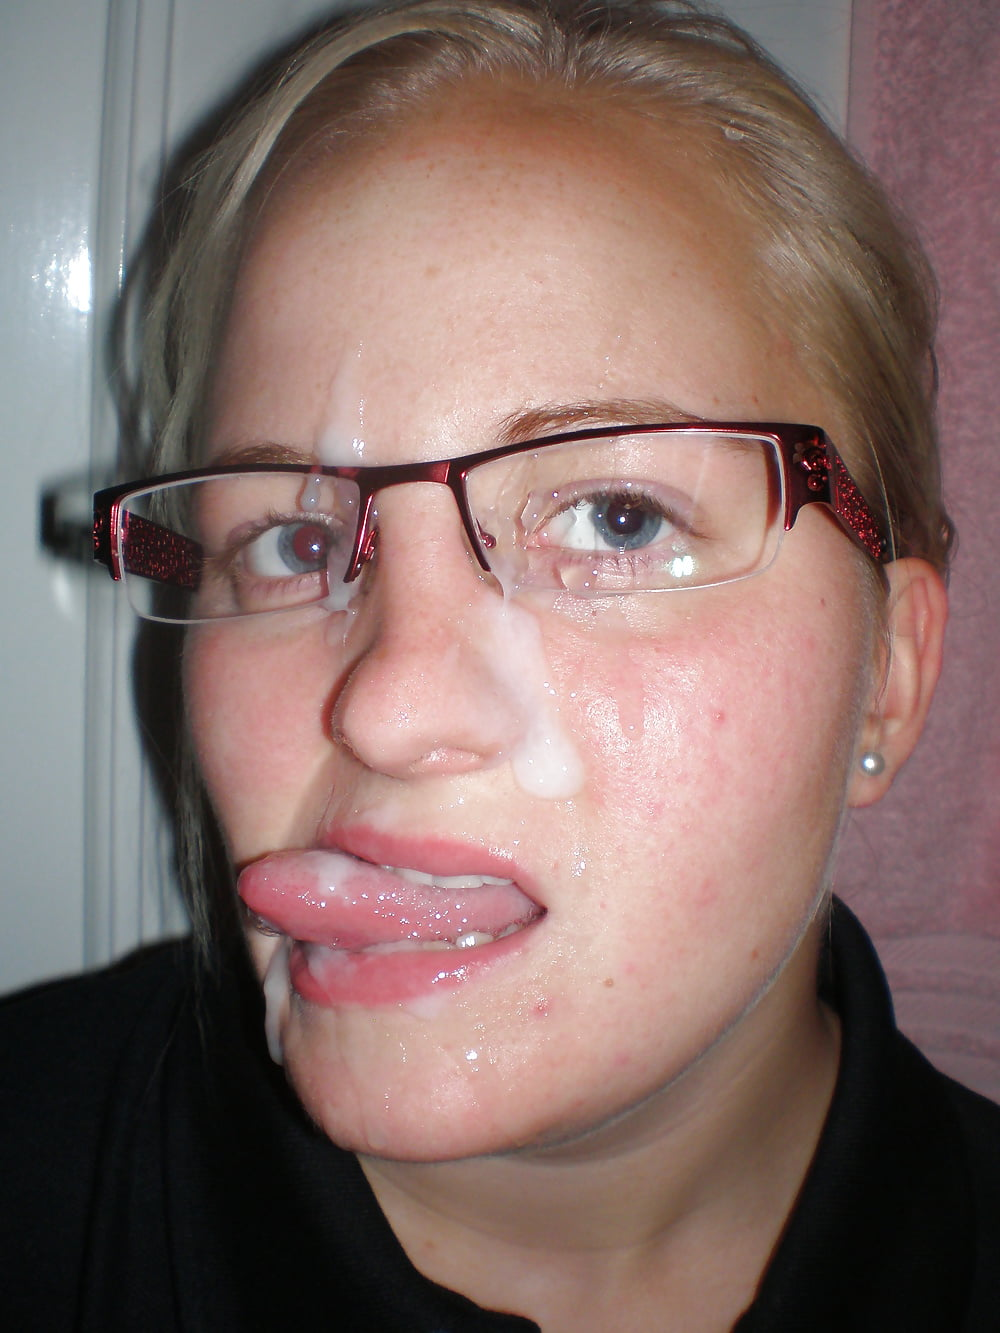 ugly-girl-facial-porn